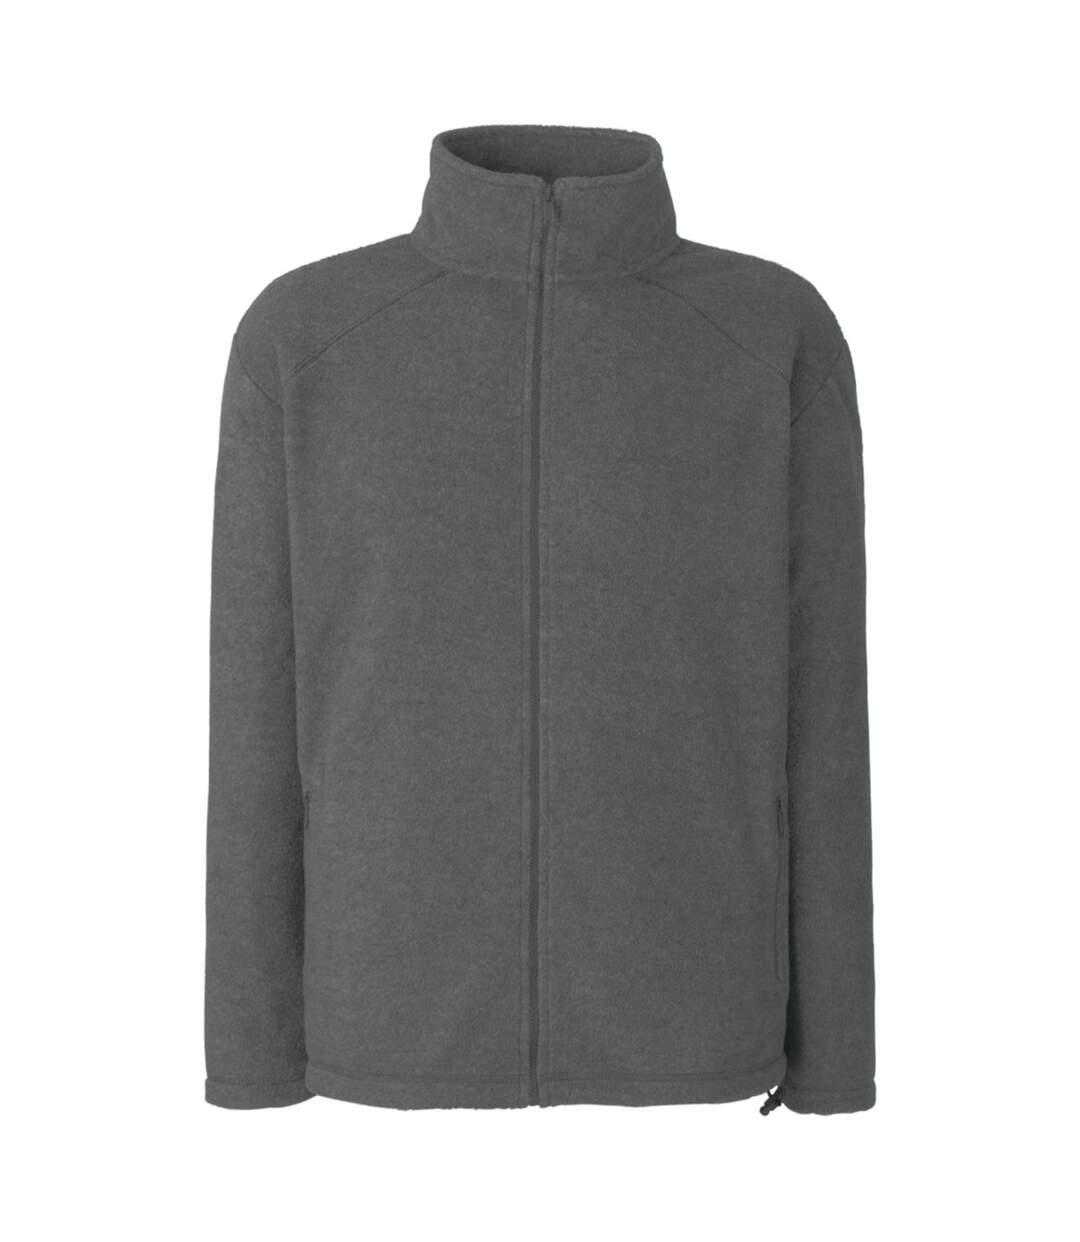 Fruit Of The Loom Mens Full Zip Outdoor Fleece / Top (Smoke) - UTBC372